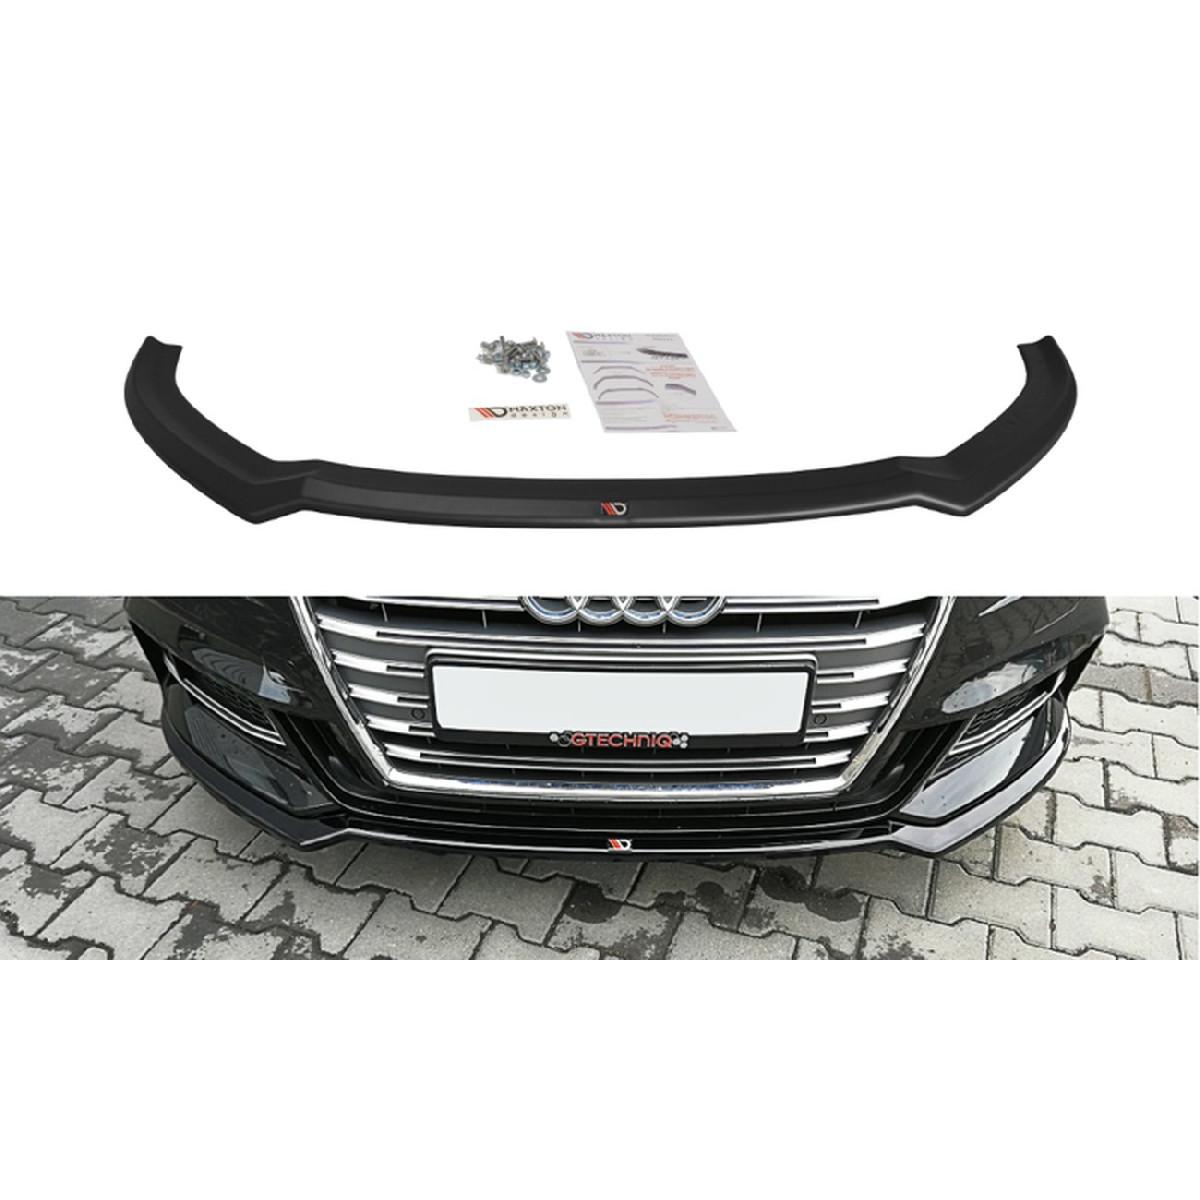 Cup Spoilerlippe Front Ansatz V.2 für Audi S3 / A3 S-Line 8V FL schwarz matt